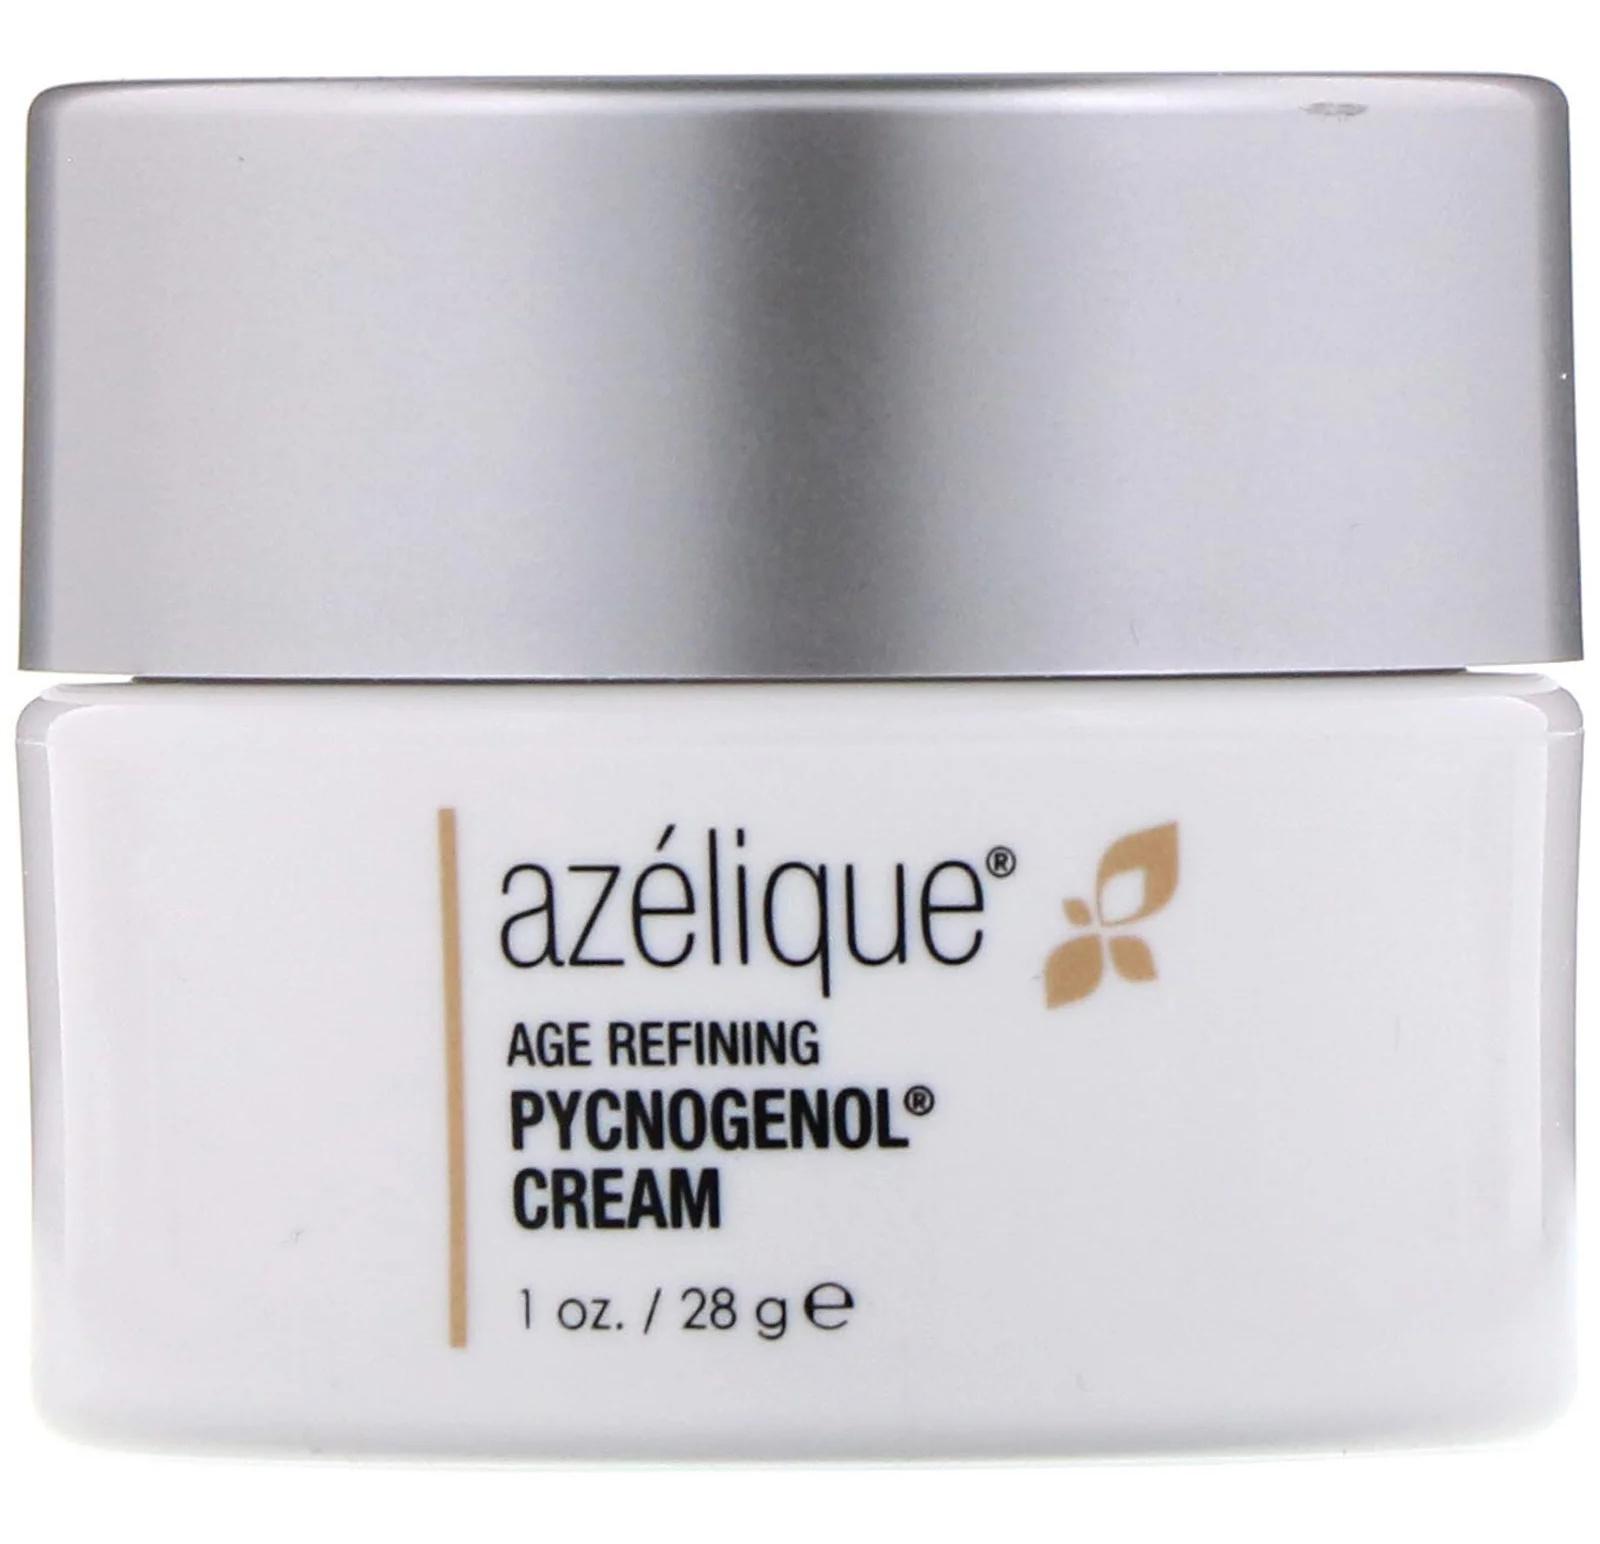 Azelique Age Refining Pycnogenol Cream